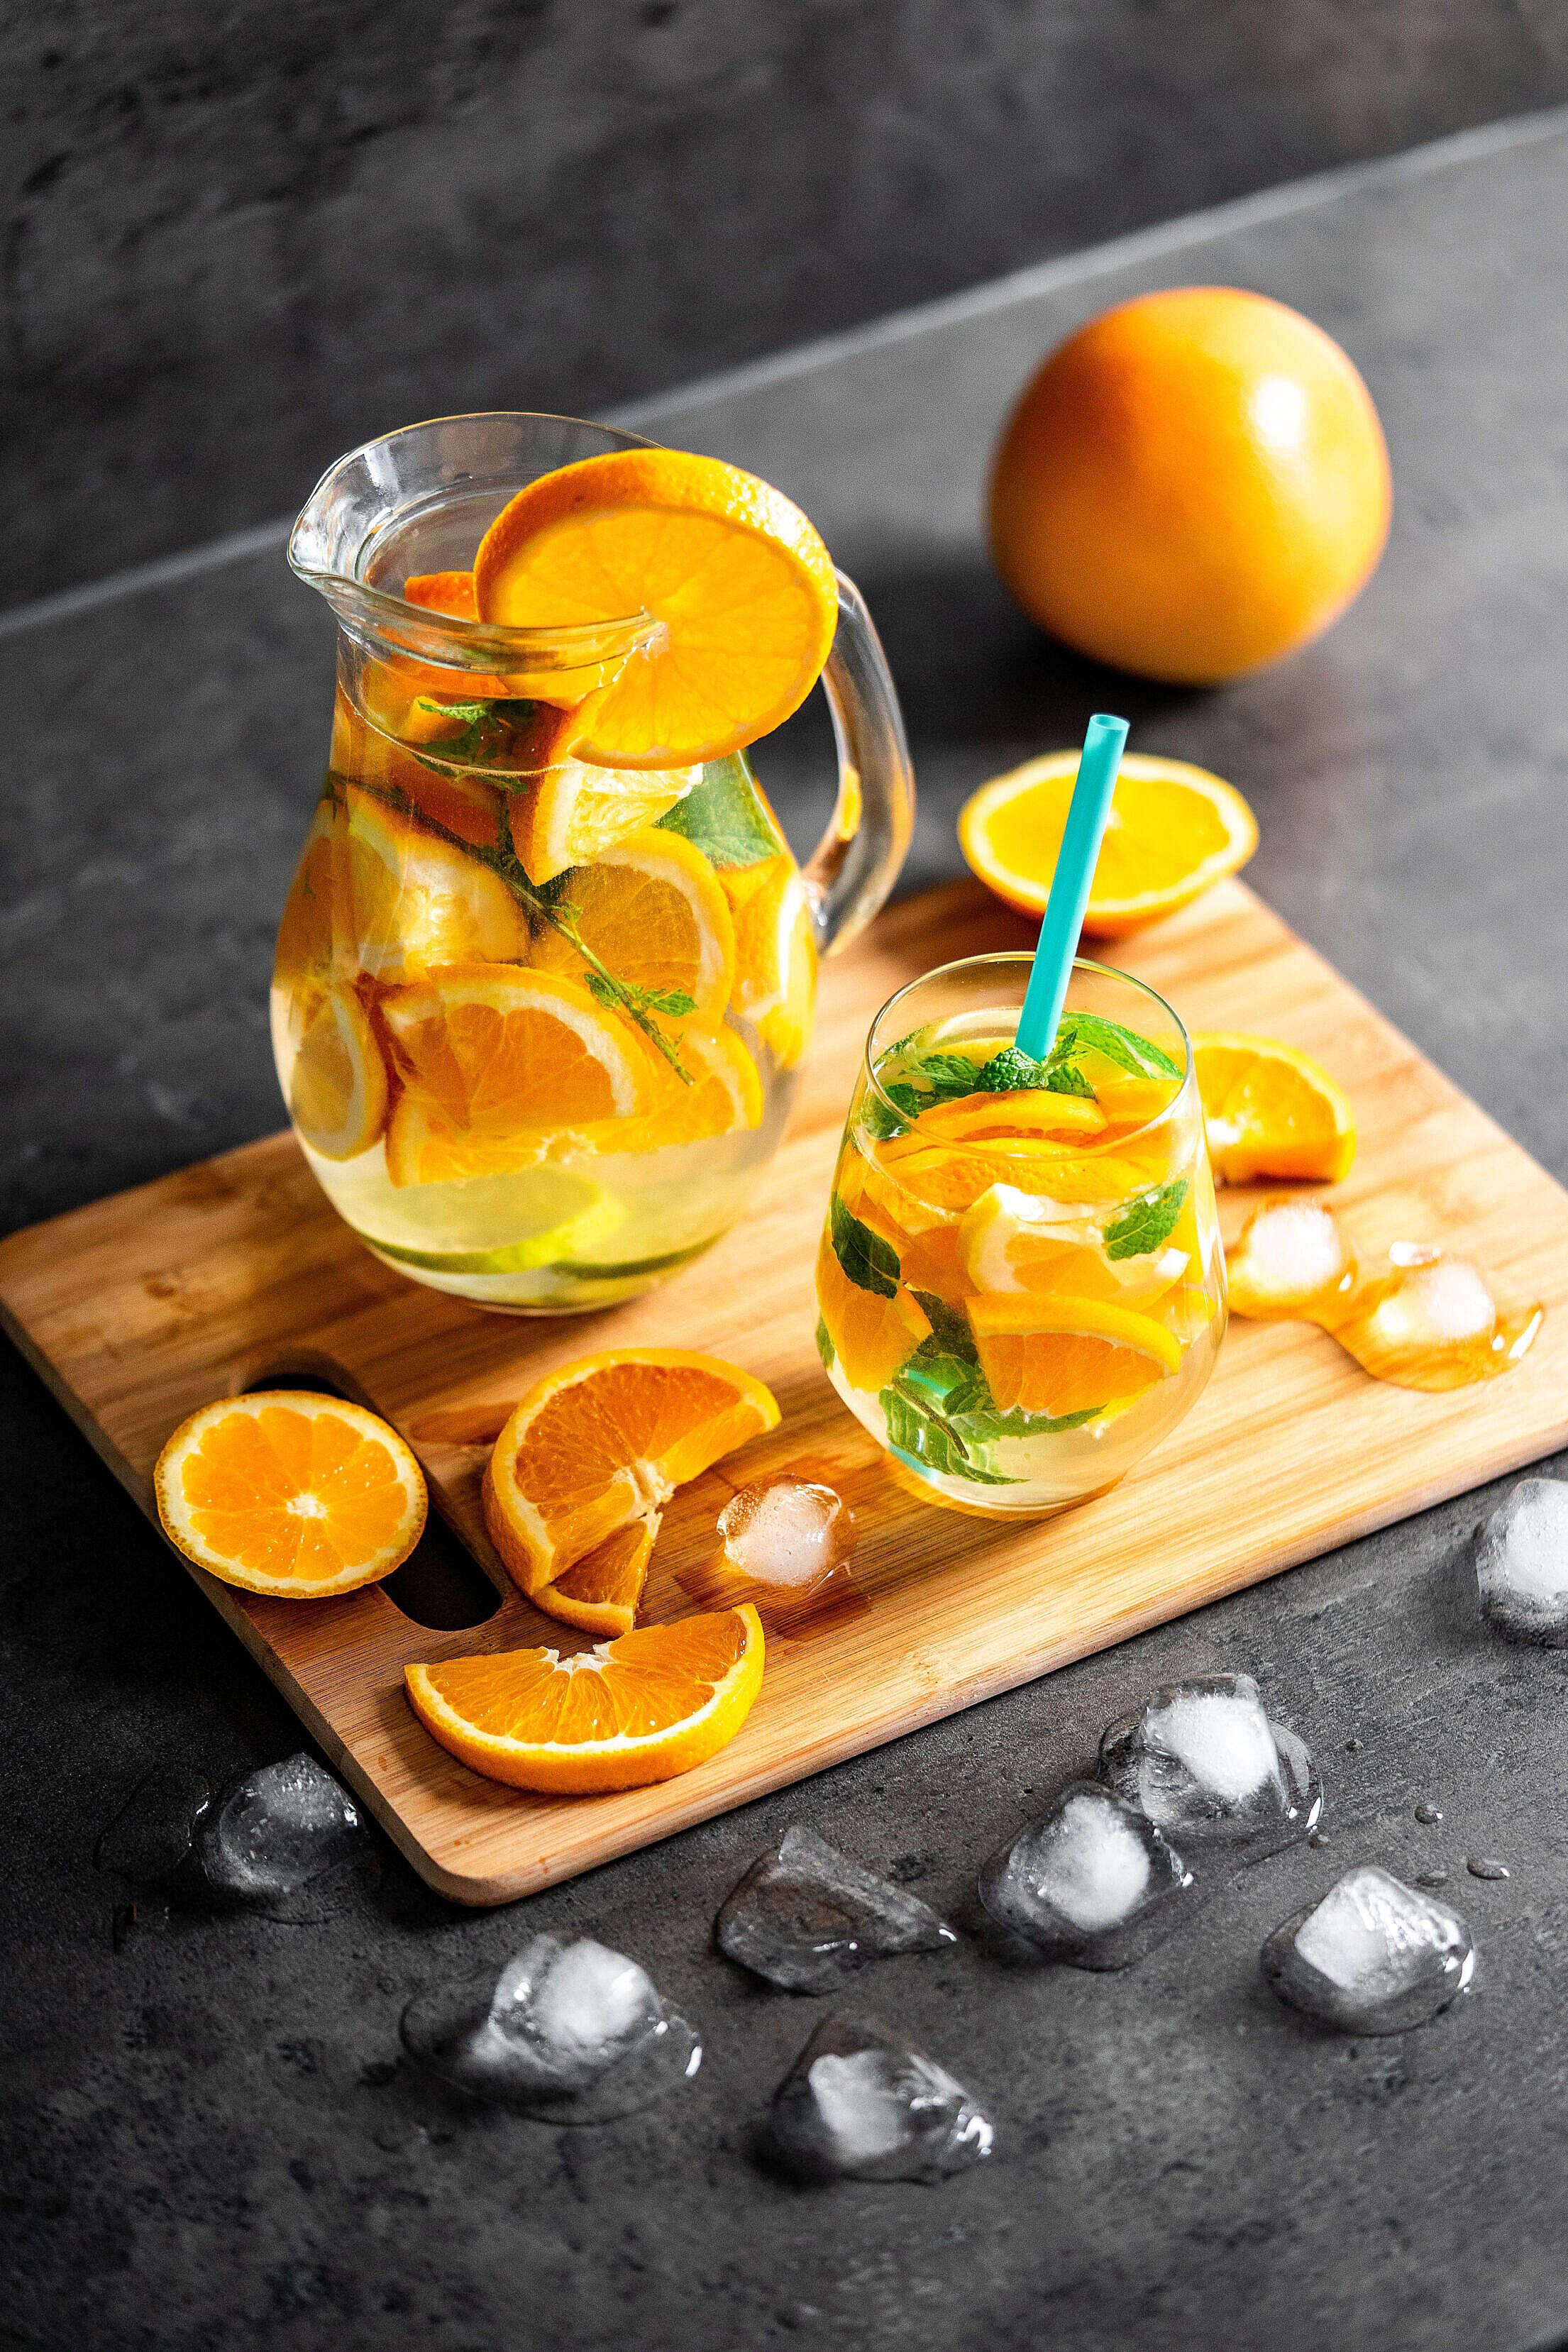 Refreshing Orange Lemonade with Mint Free Stock Photo